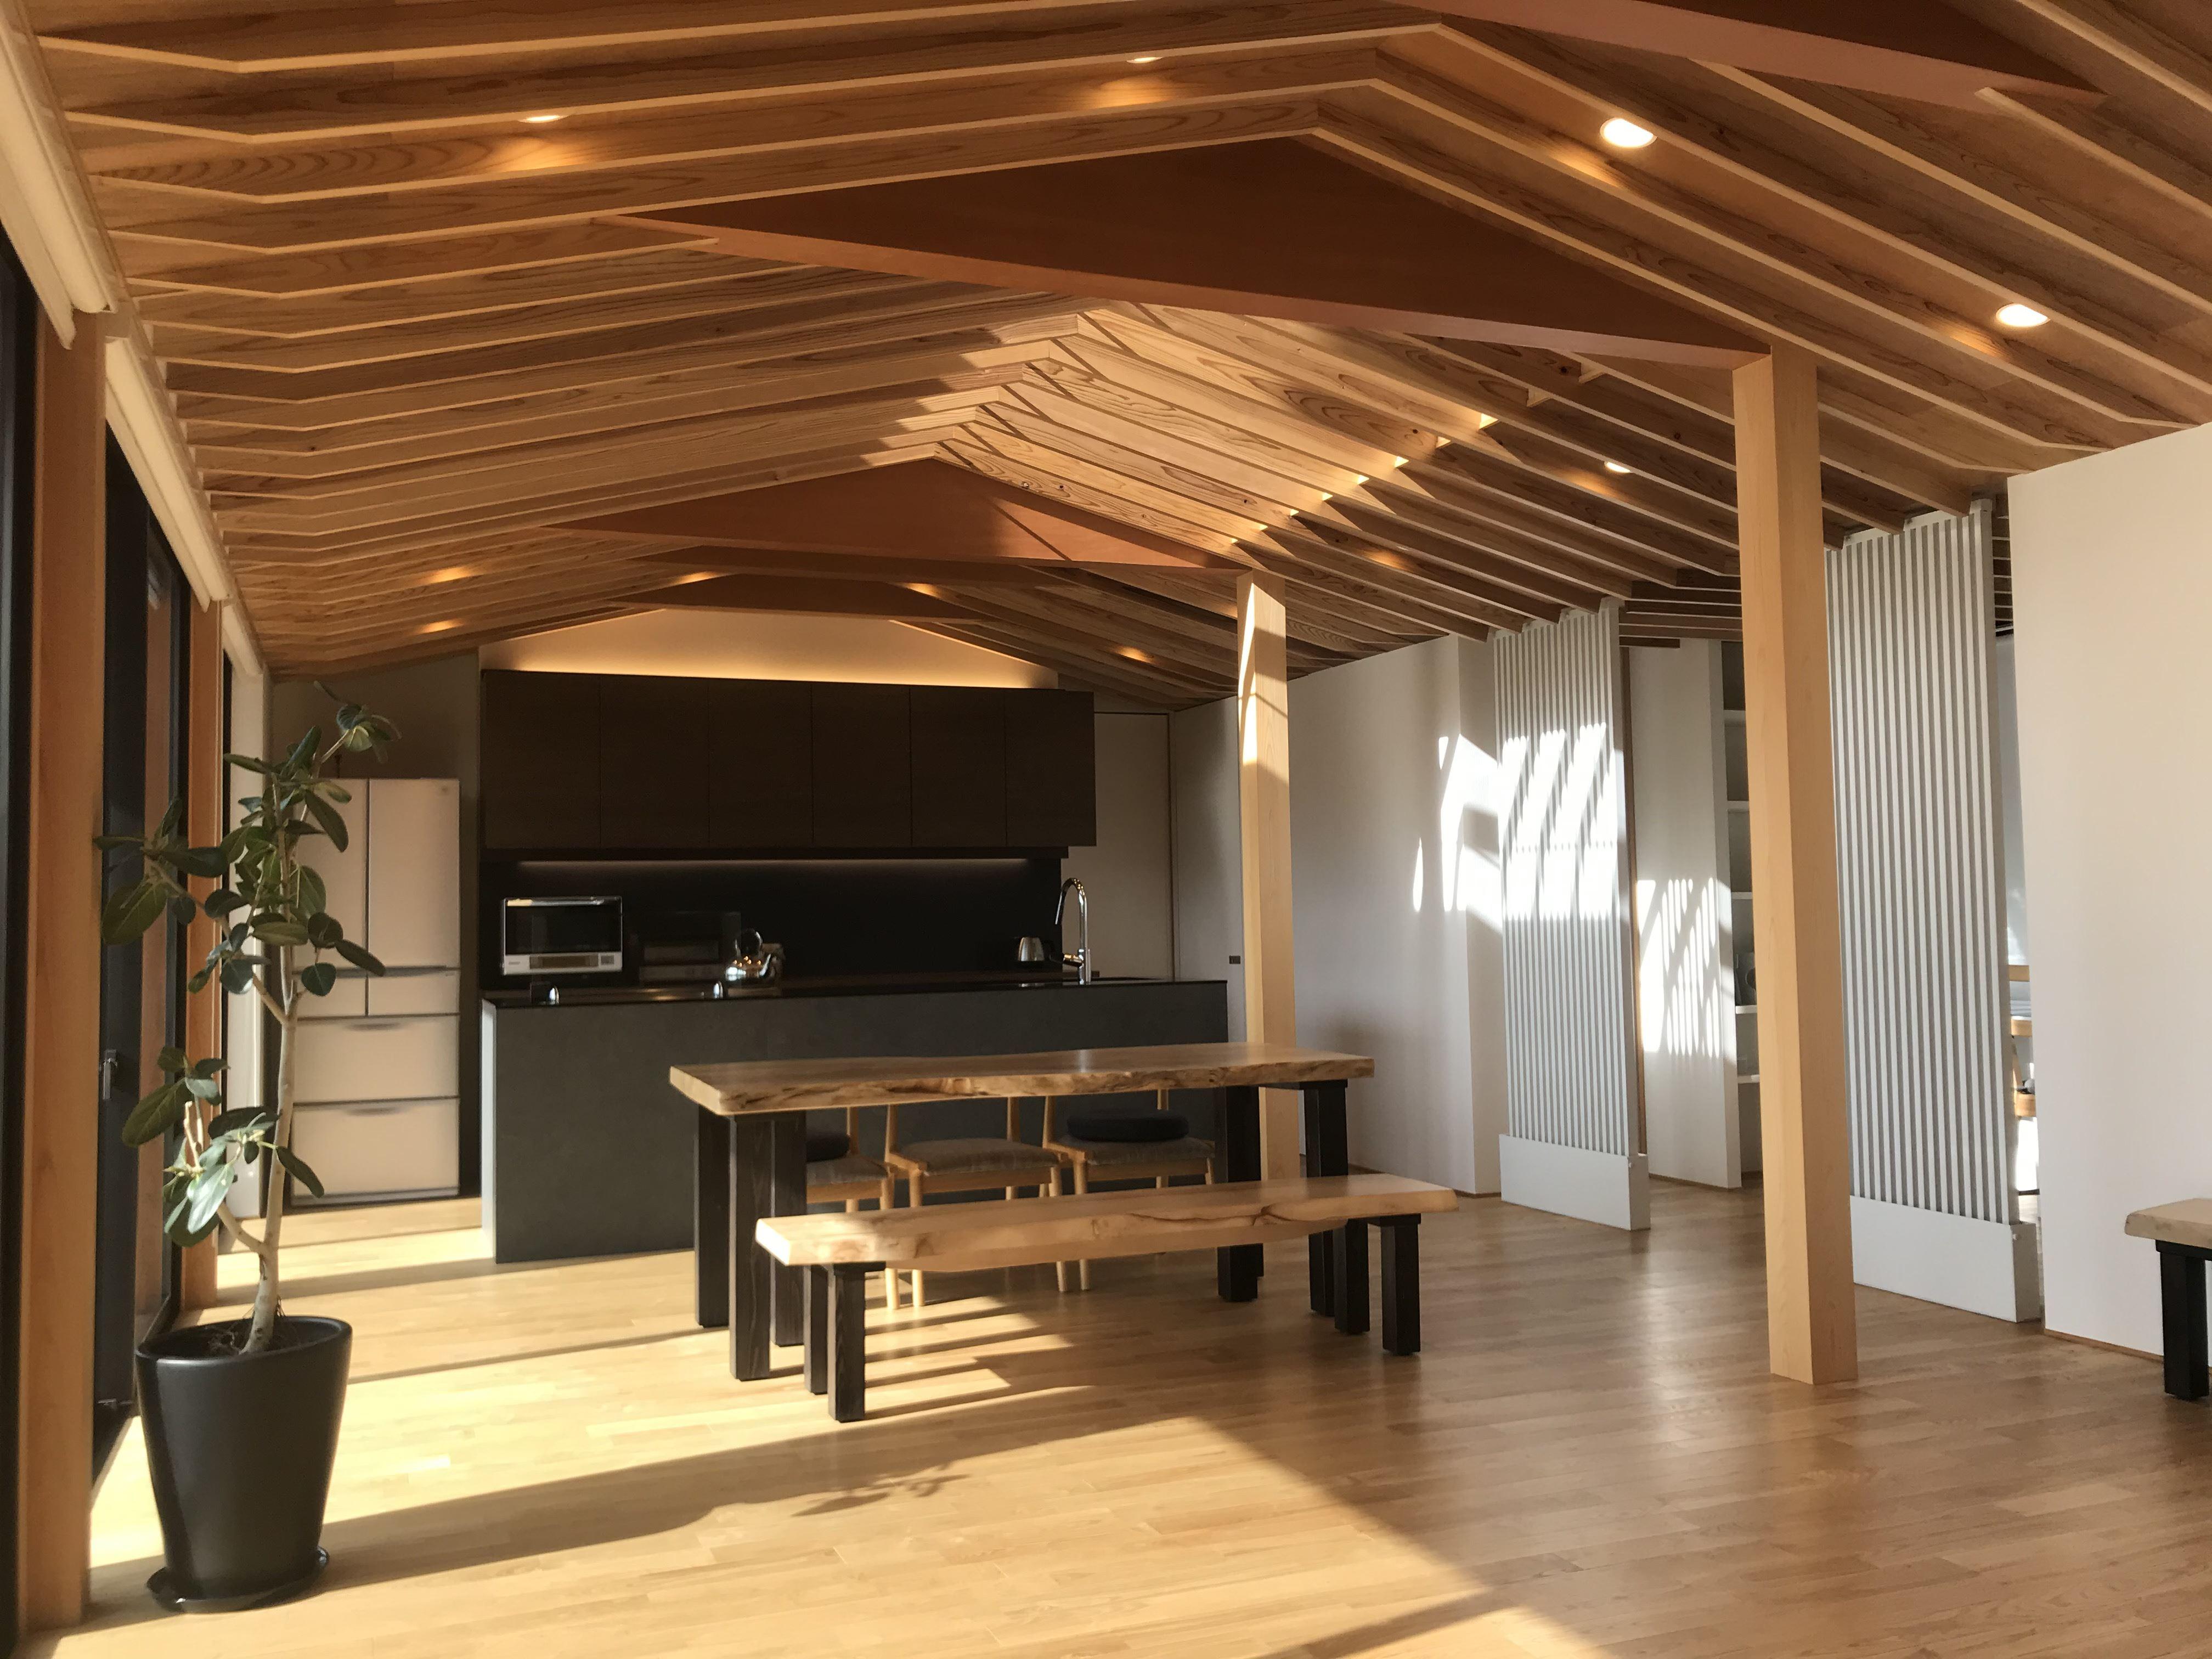 愛知県岡崎市 「上地の家」 竣工写真撮影